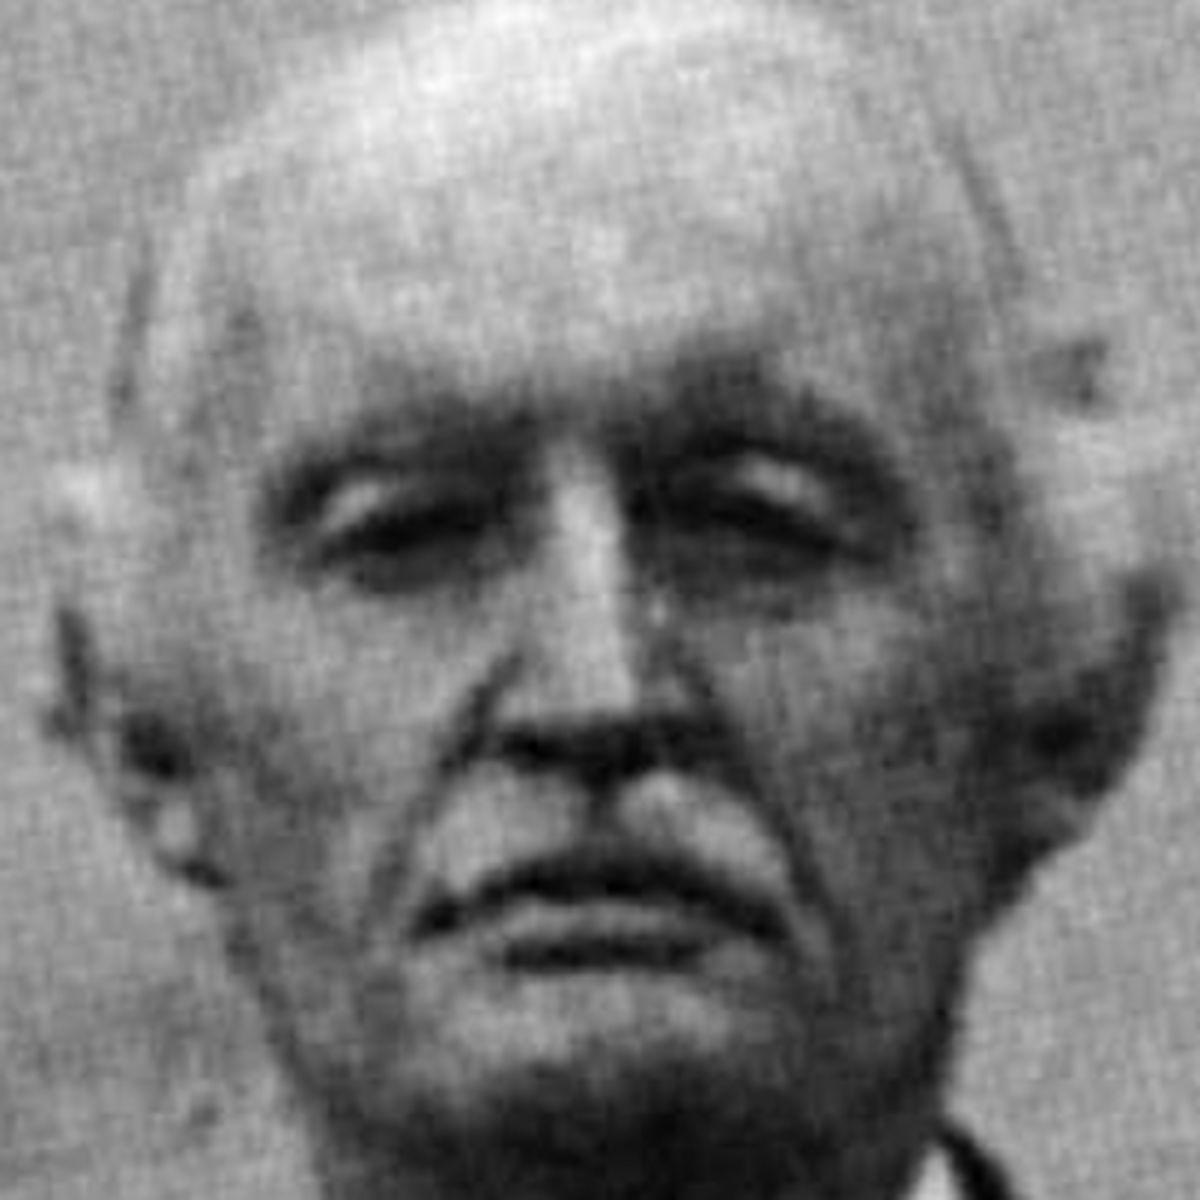 munch | Edvard Munch - Painter - Biography.com | munch7 ...